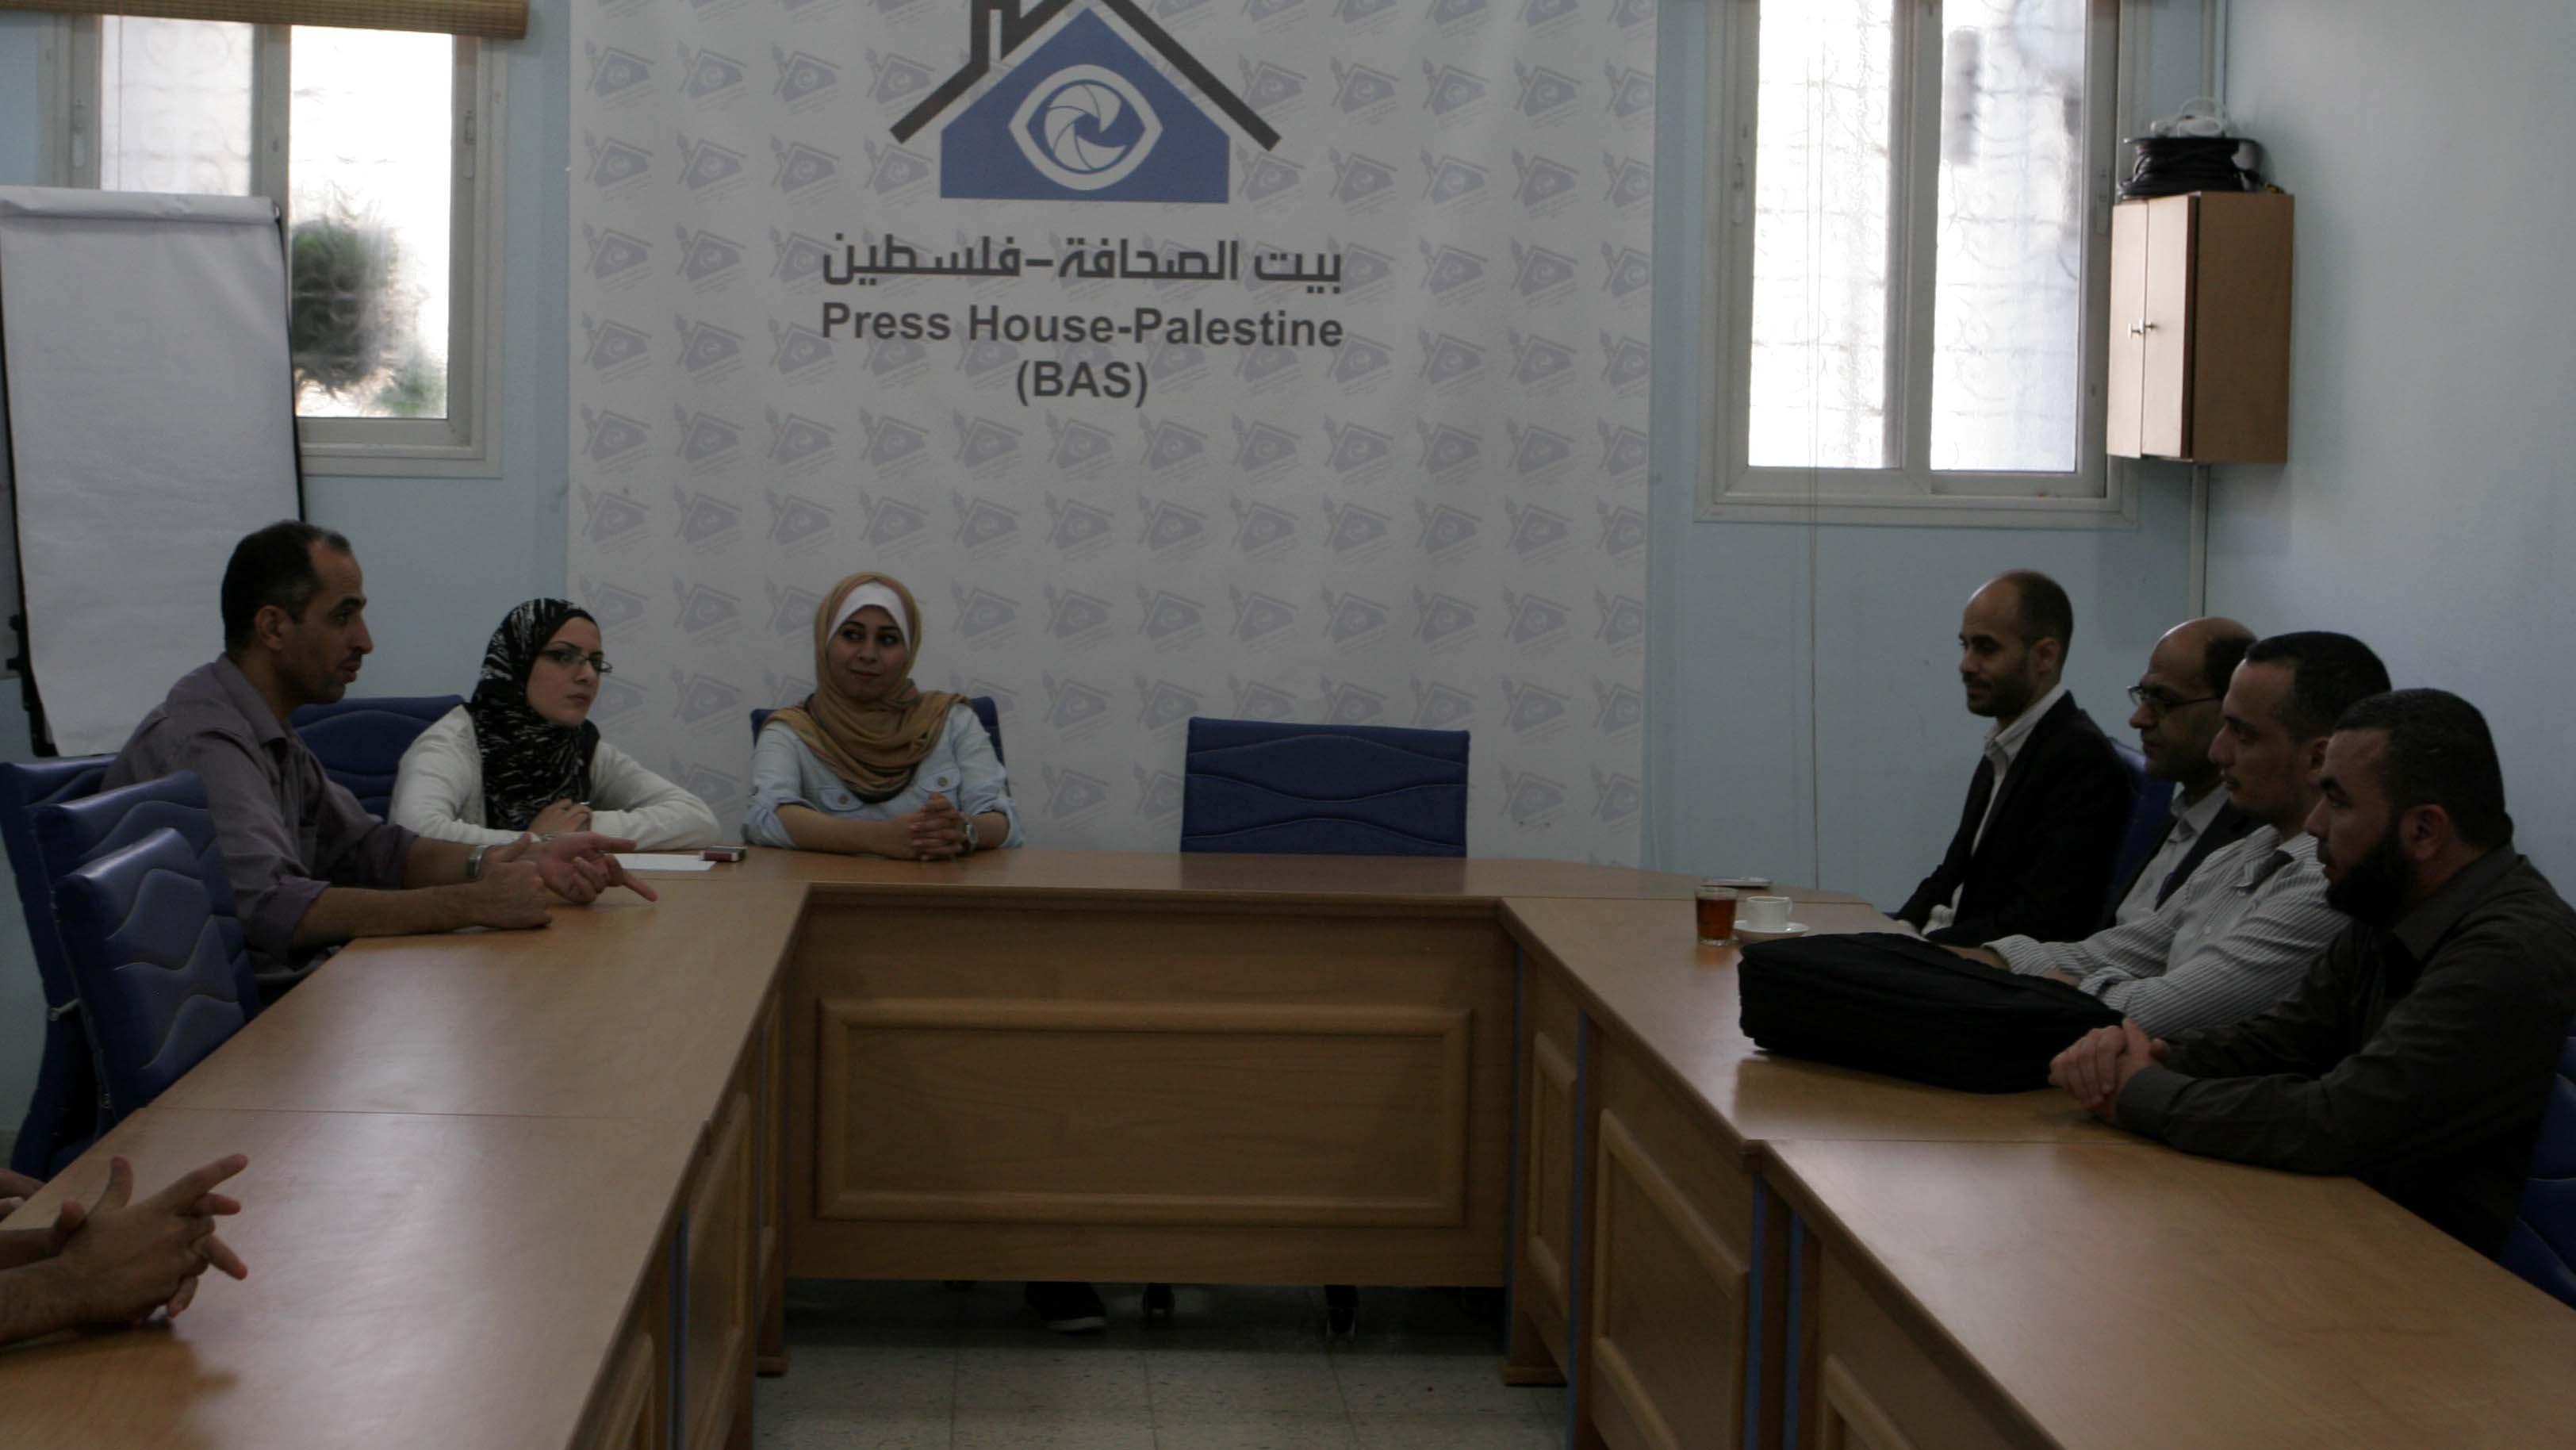 بيت الصحافة يستقبل وفد من الإعلام الحكومي غزة